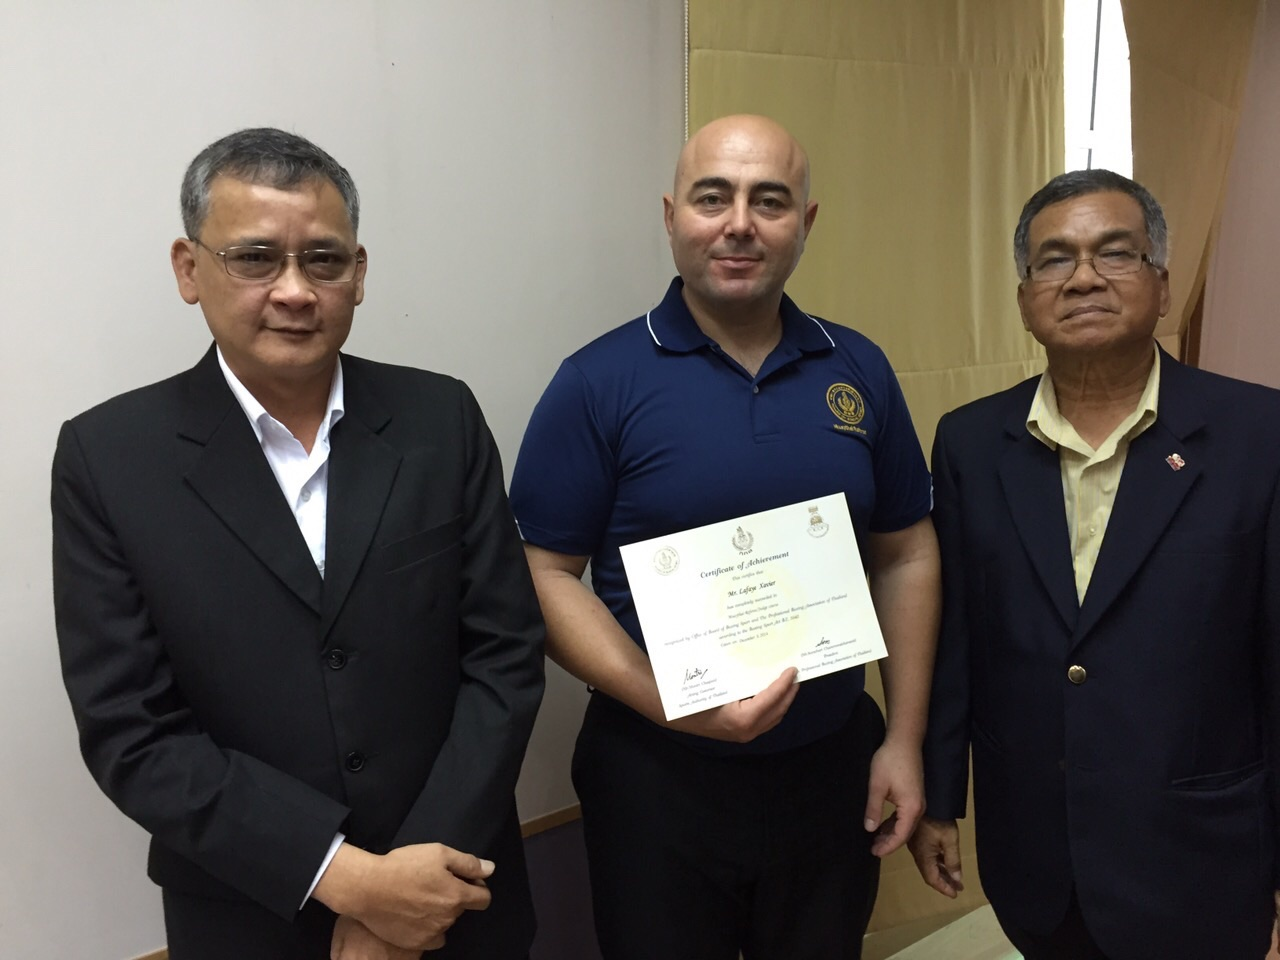 Jean-Pierre Delogu reçoit son diplôme des mains du ministre des sports thailandais